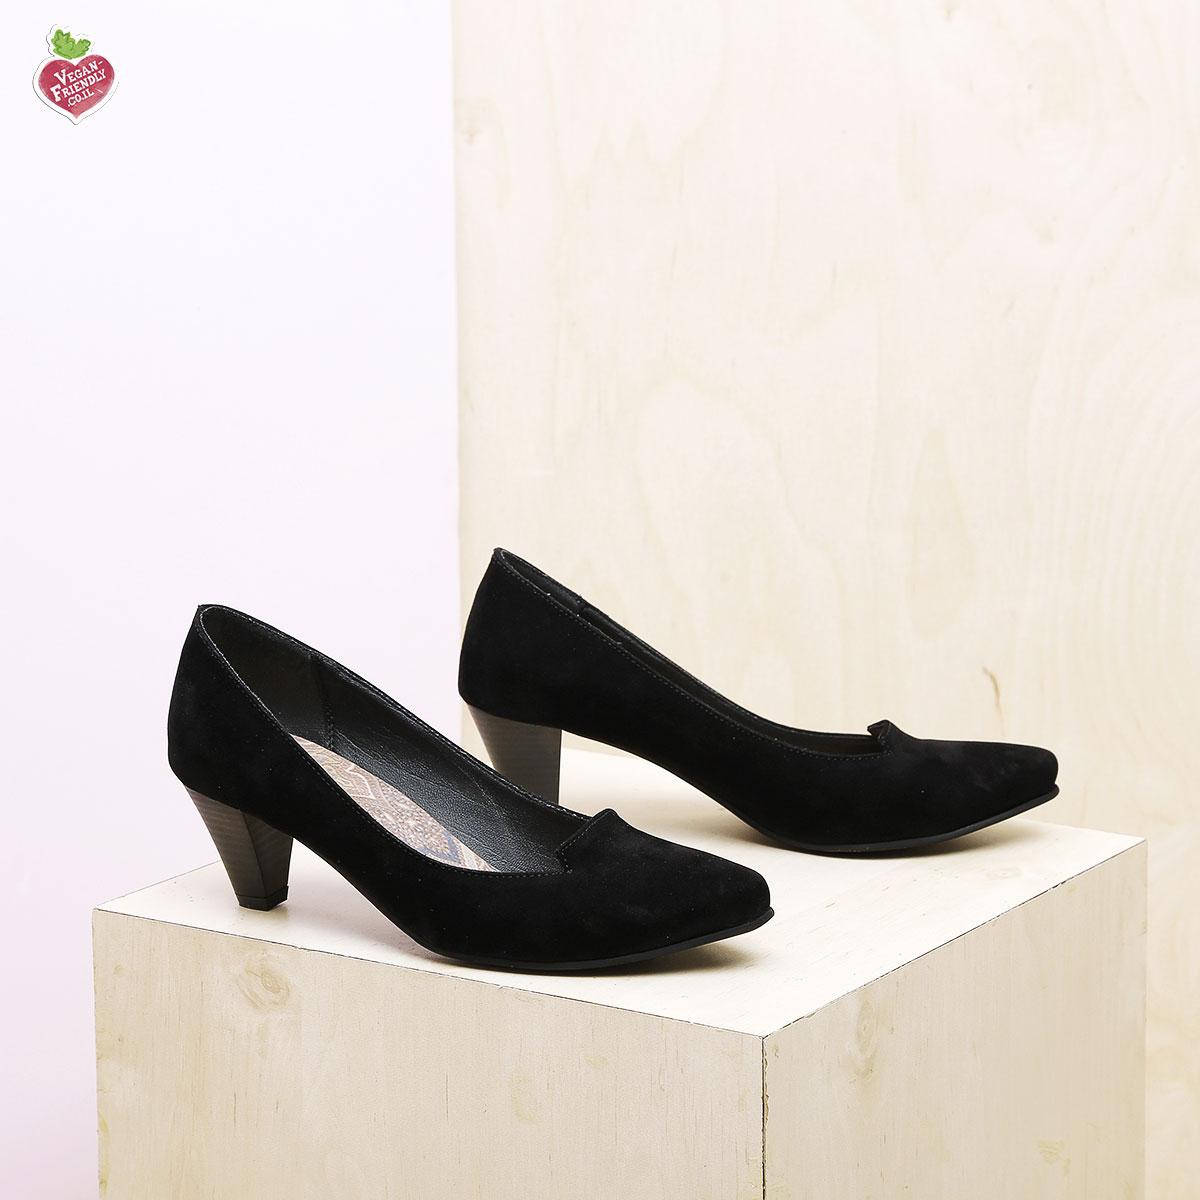 דגם טנסי: נעלי סירה טבעוניות בצבע שחור